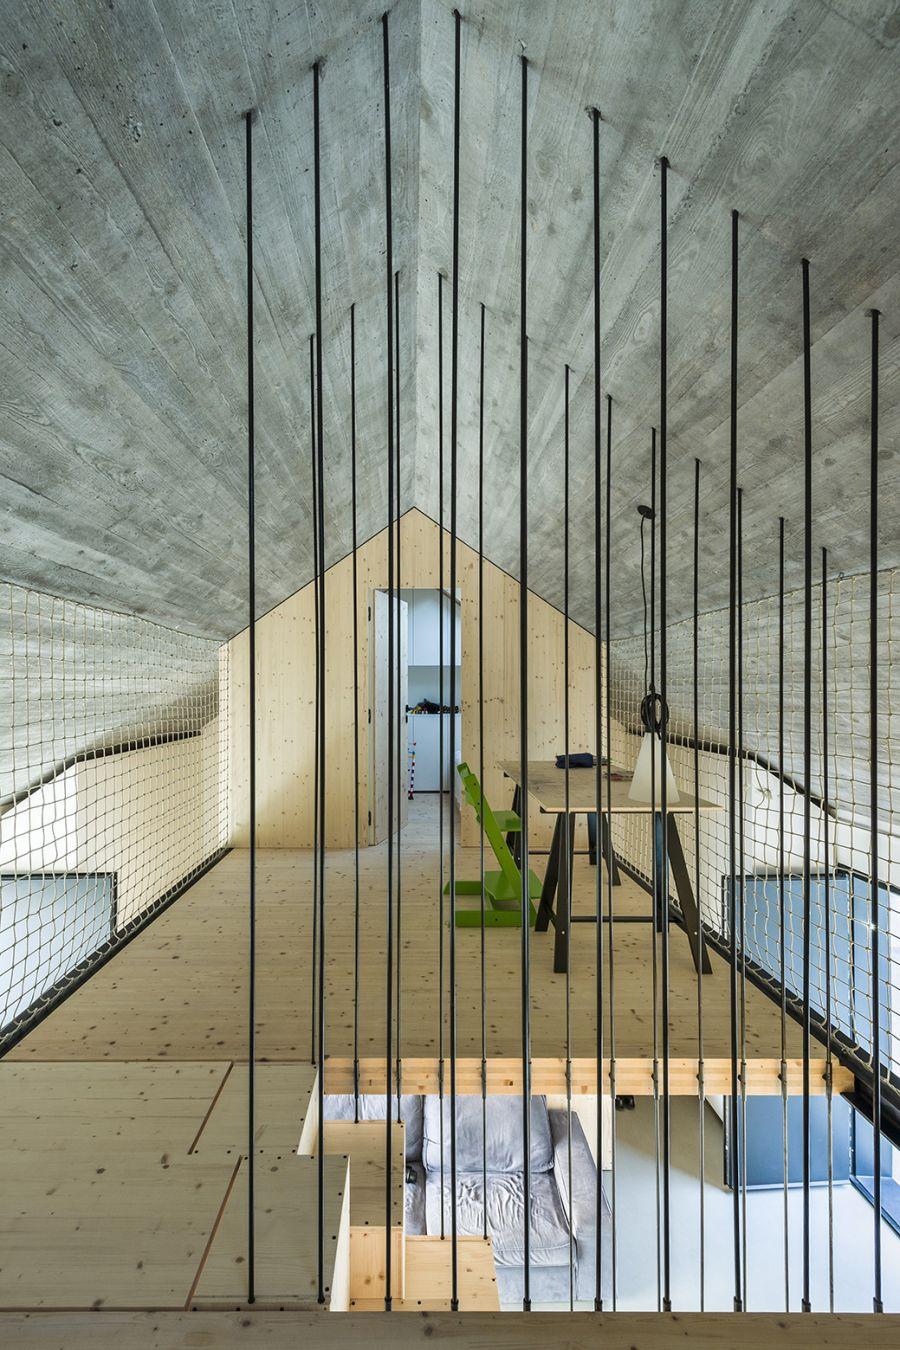 La arquitectura moderna y tradicional eslovena confluyen for Arquitectura moderna